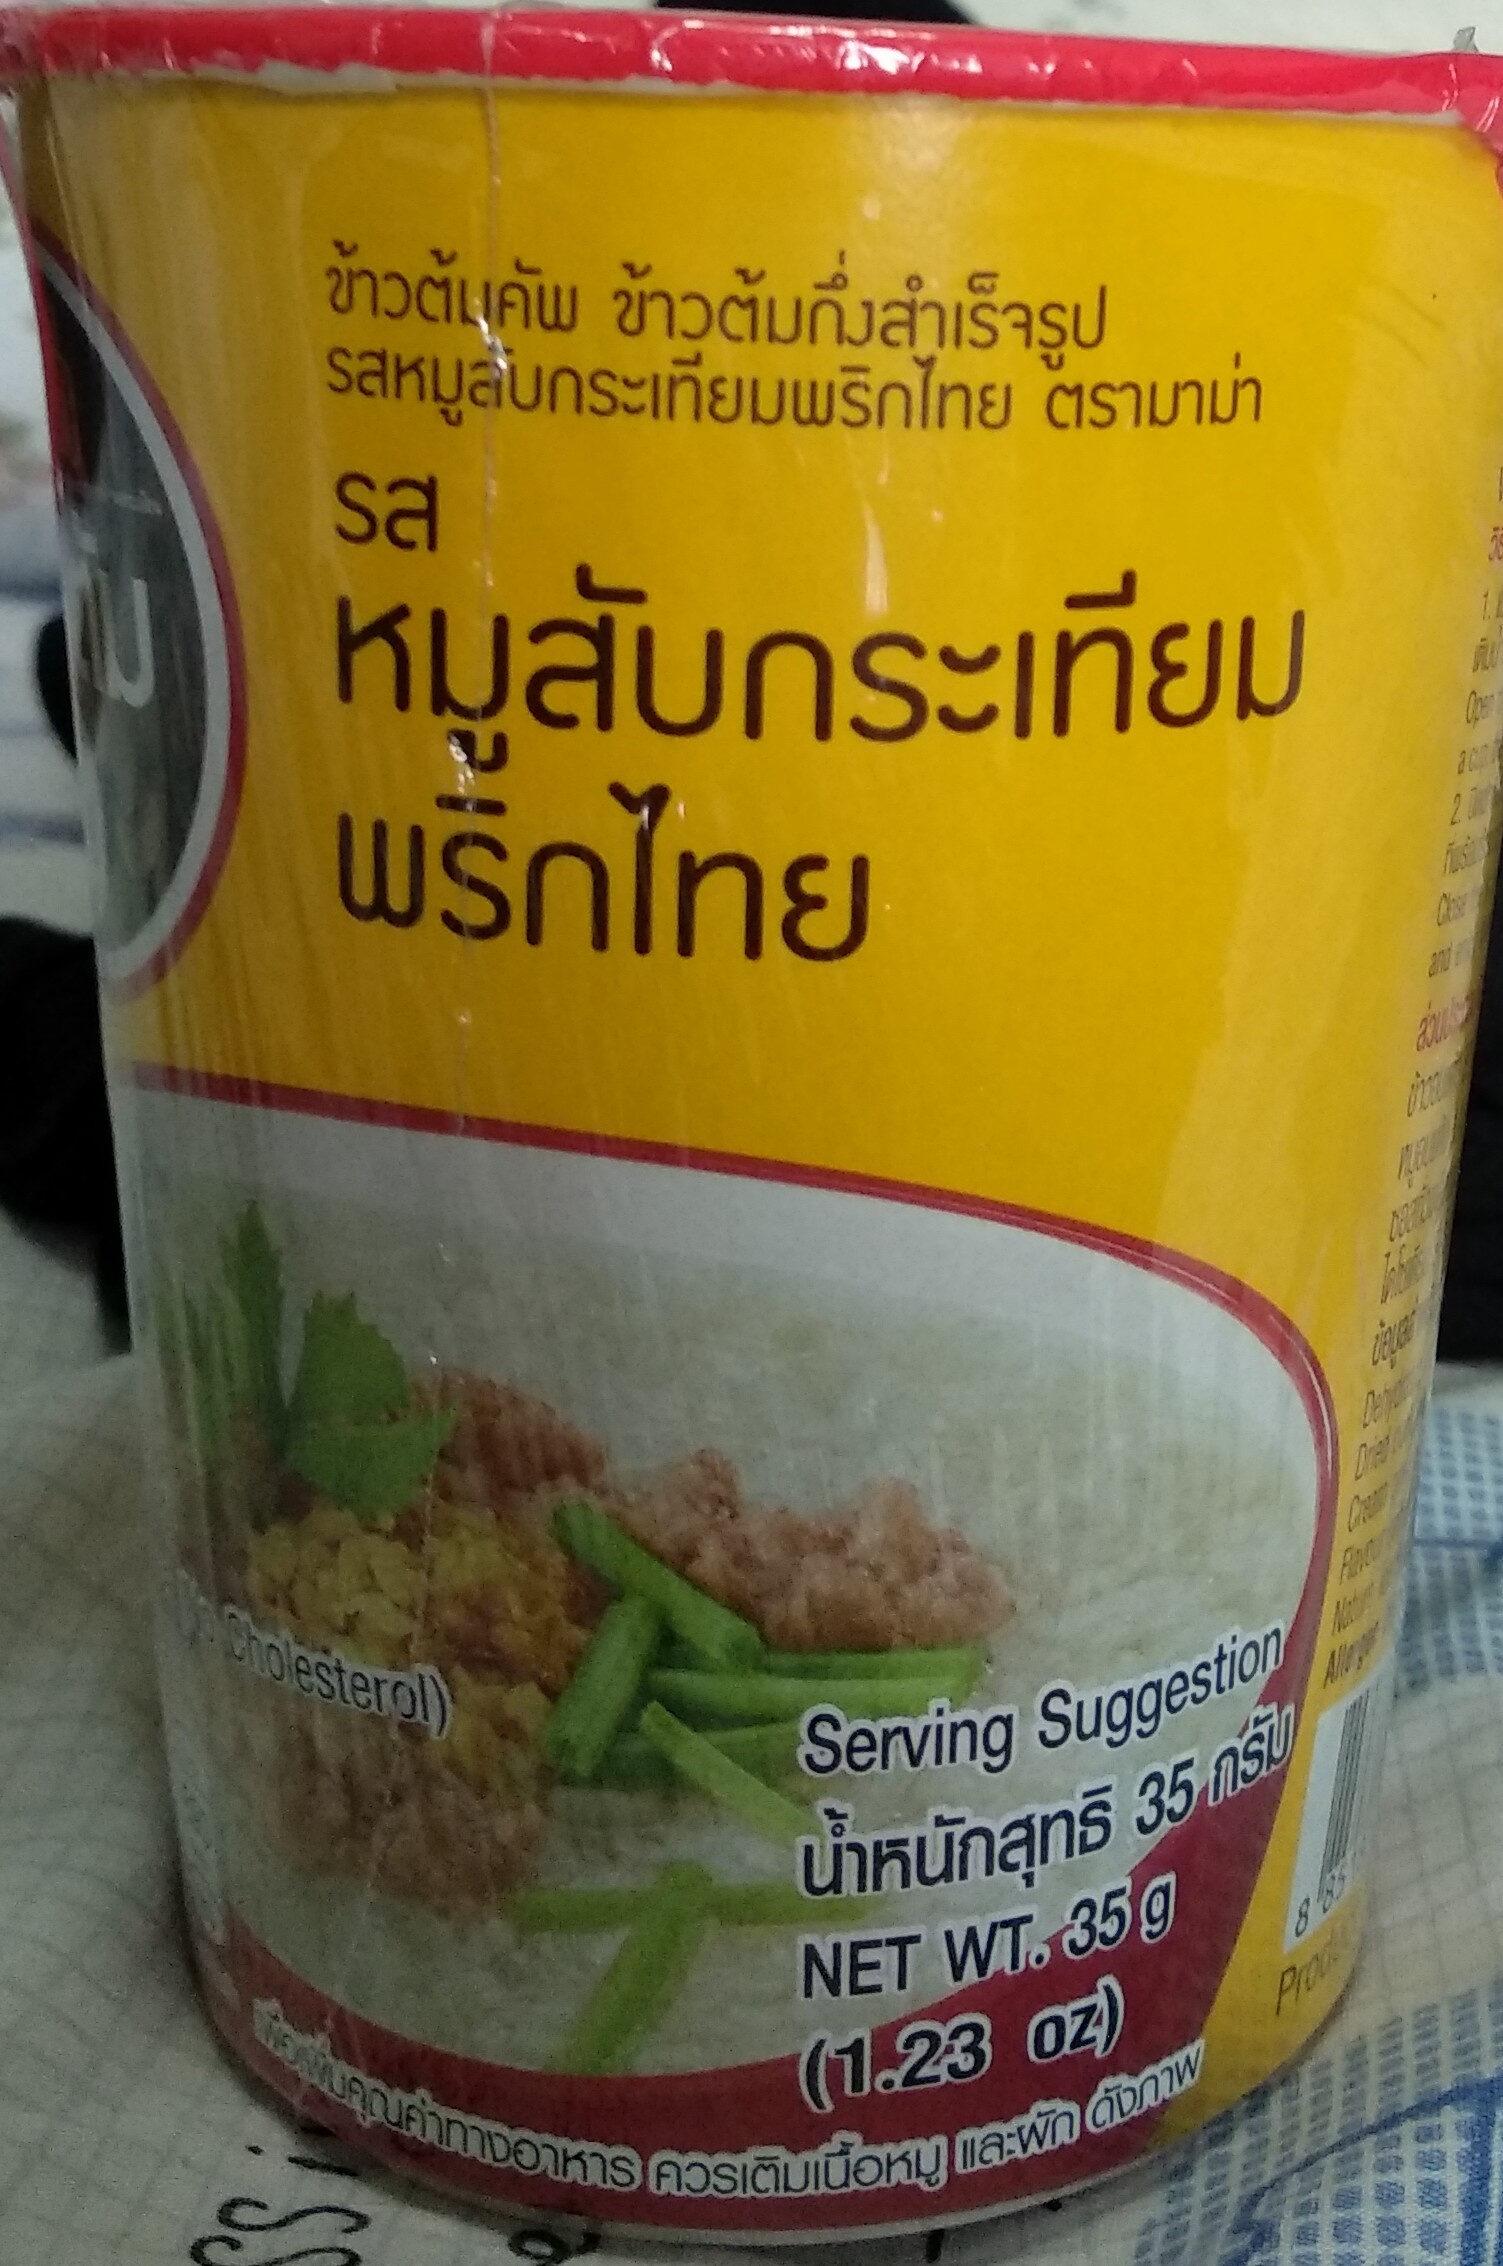 ข้าวต้มคัพรสหมูสับกระเทียมพริกไทย - Product